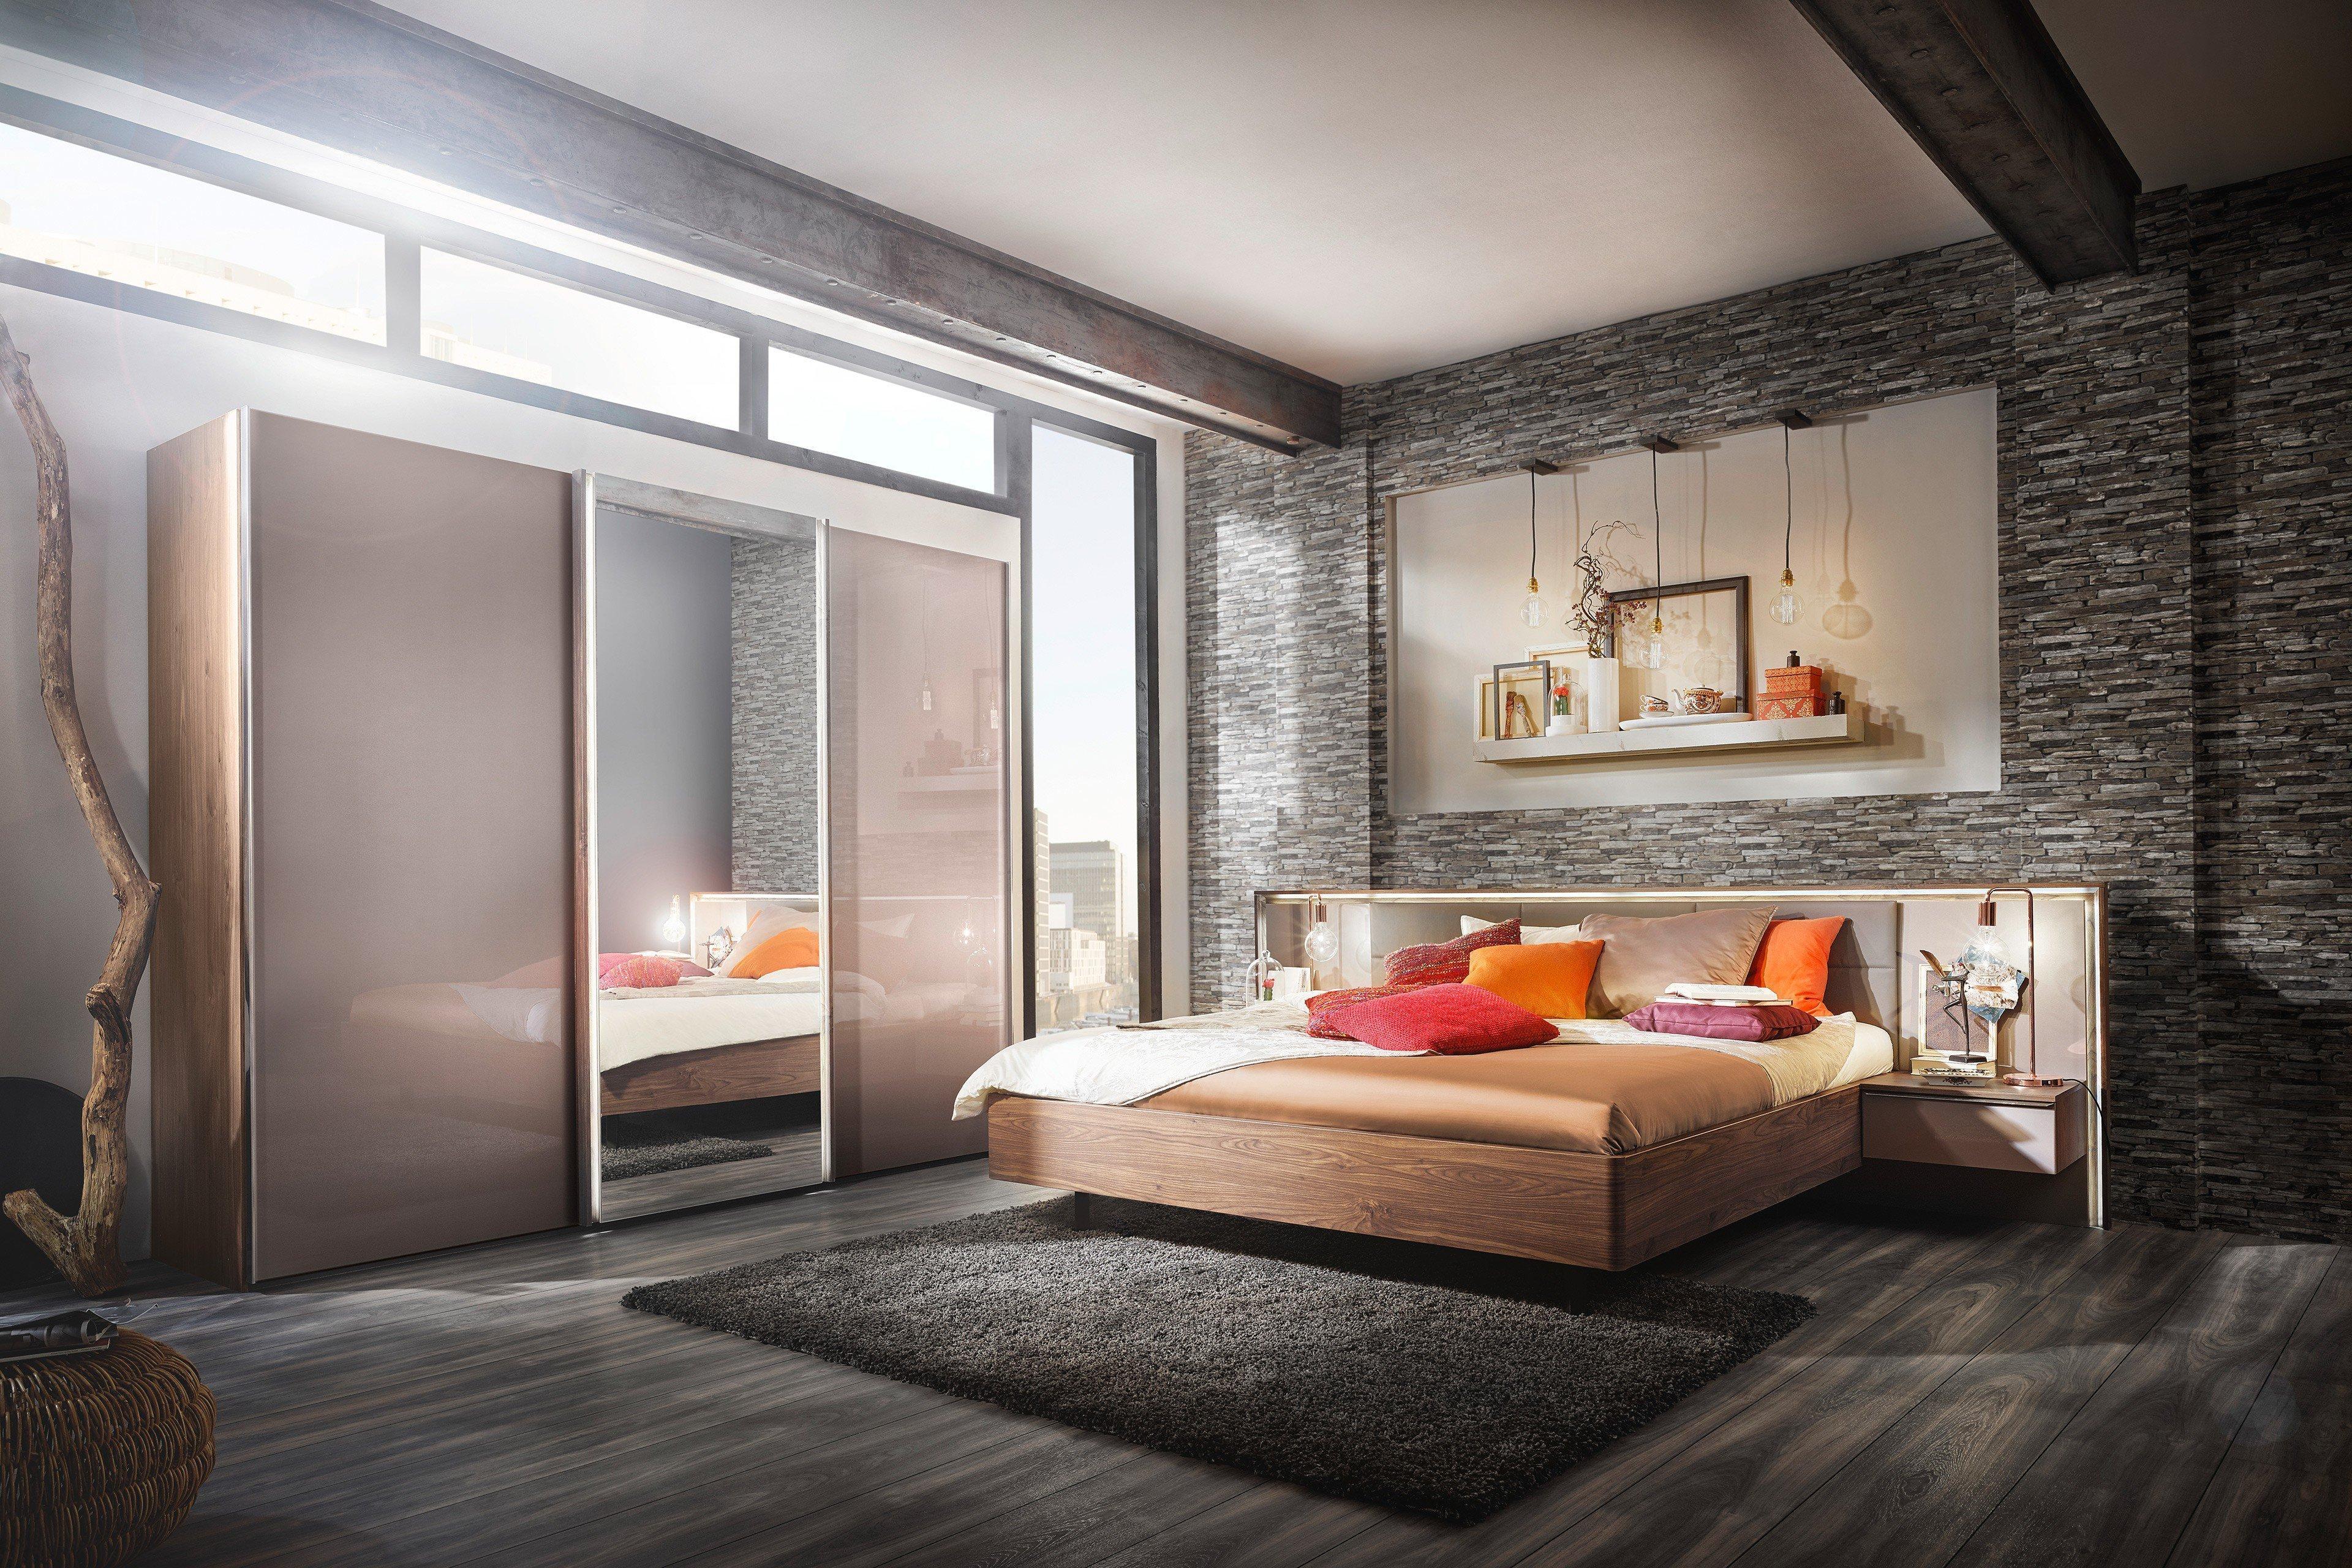 Nolte Mobel Ipanema Schlafzimmer Nussbaum Mobel Letz Ihr Online Shop